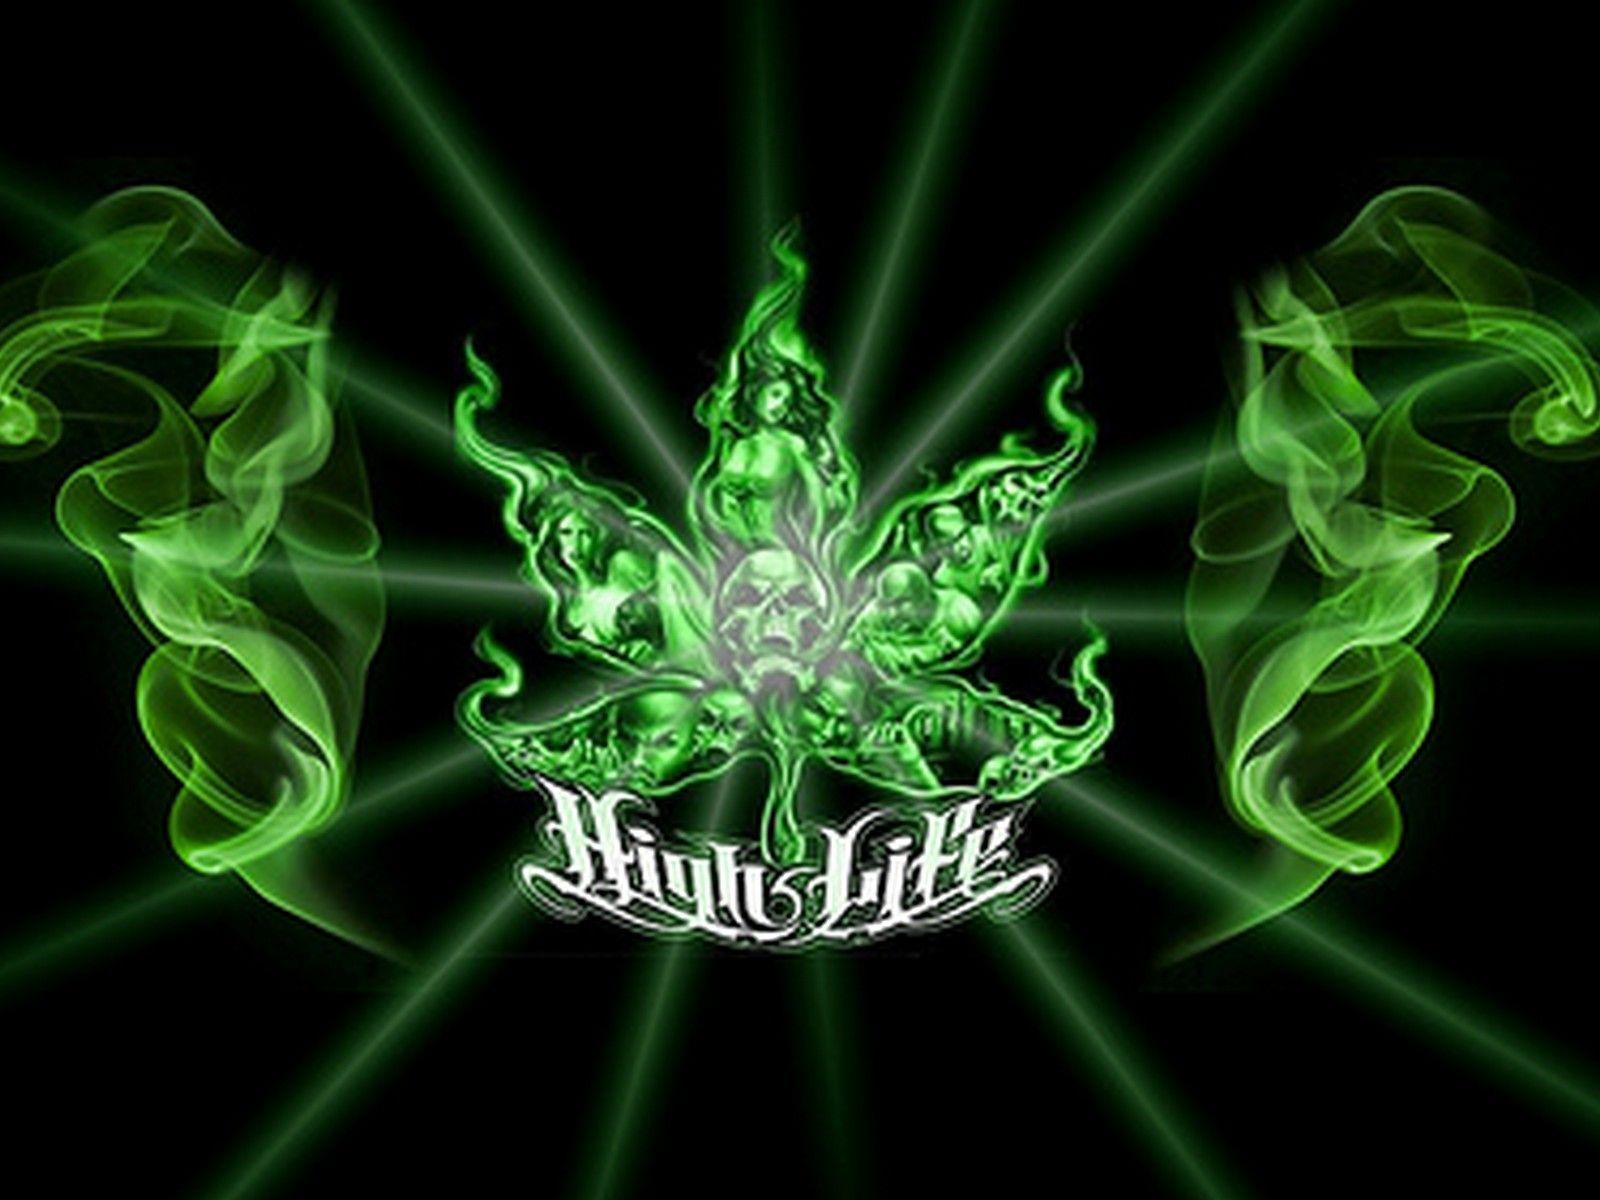 weed logo hd - photo #26